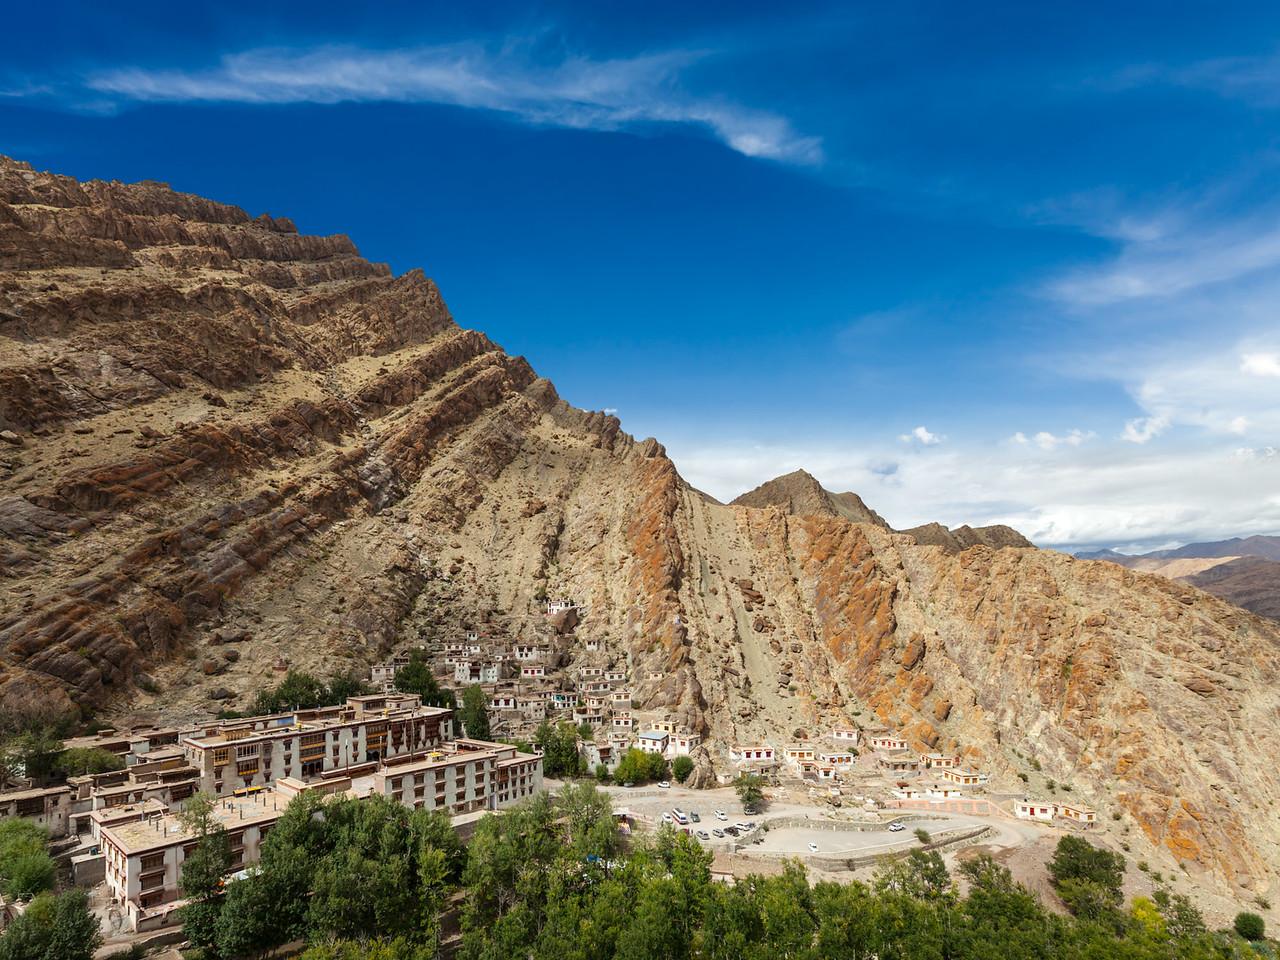 Hemis gompa, Ladakh, Jammu and Kashmir, India